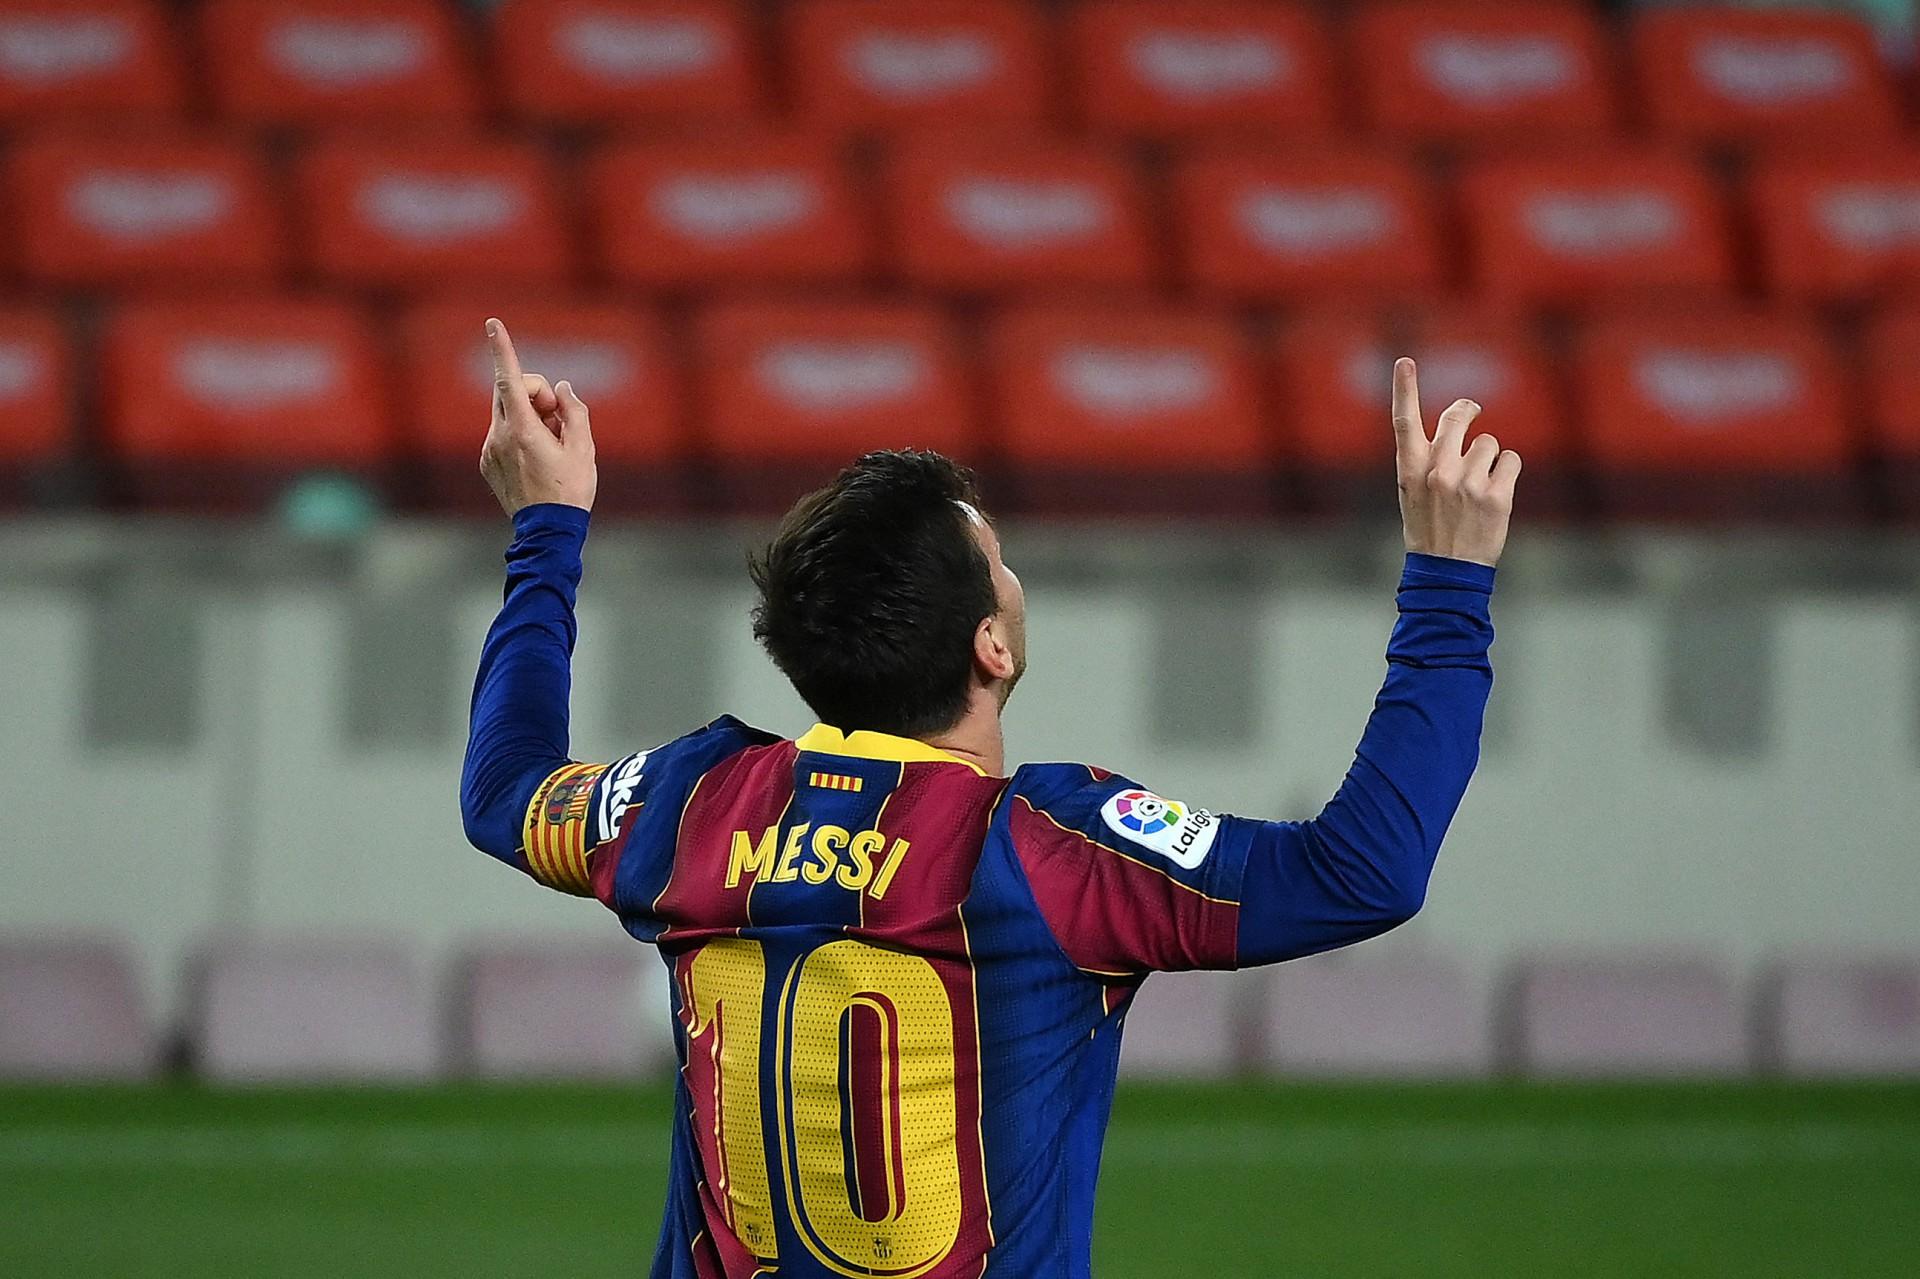 Na mira do PSG, Messi abre mão da 10 para Neymar e imprensa especula novo número